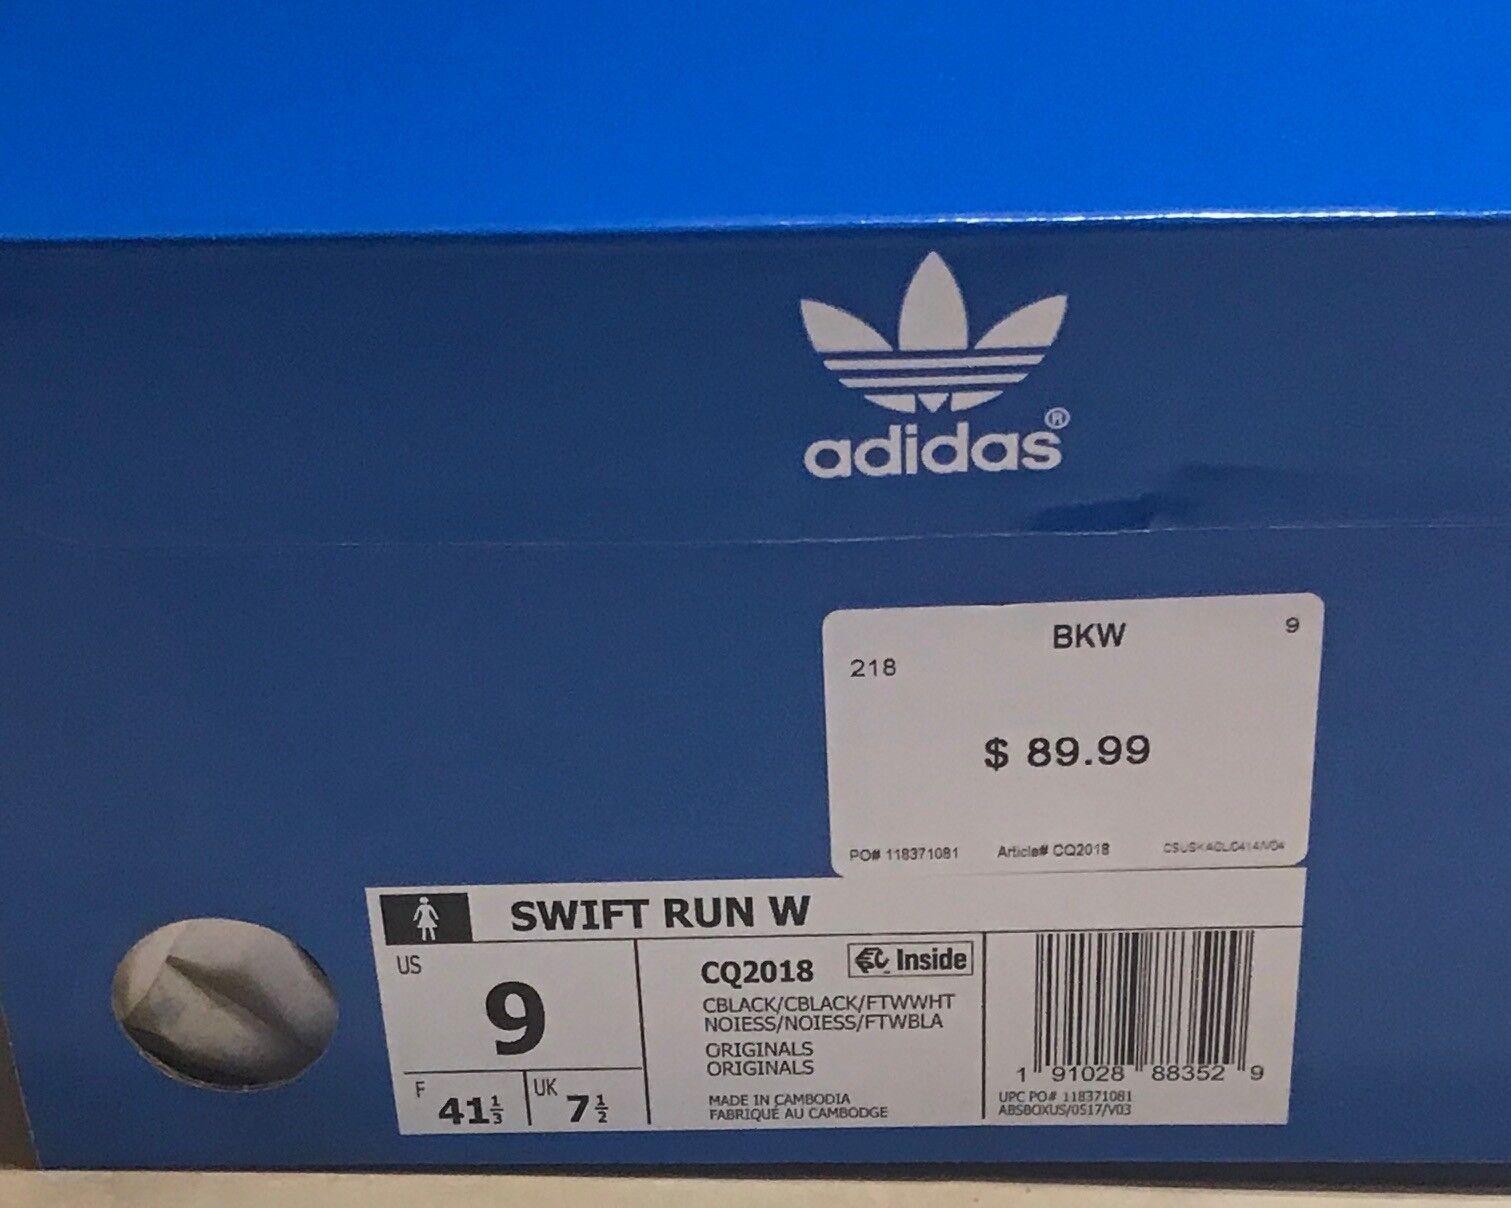 ADIDAS Size 9 Womens Athletic shoes NIB